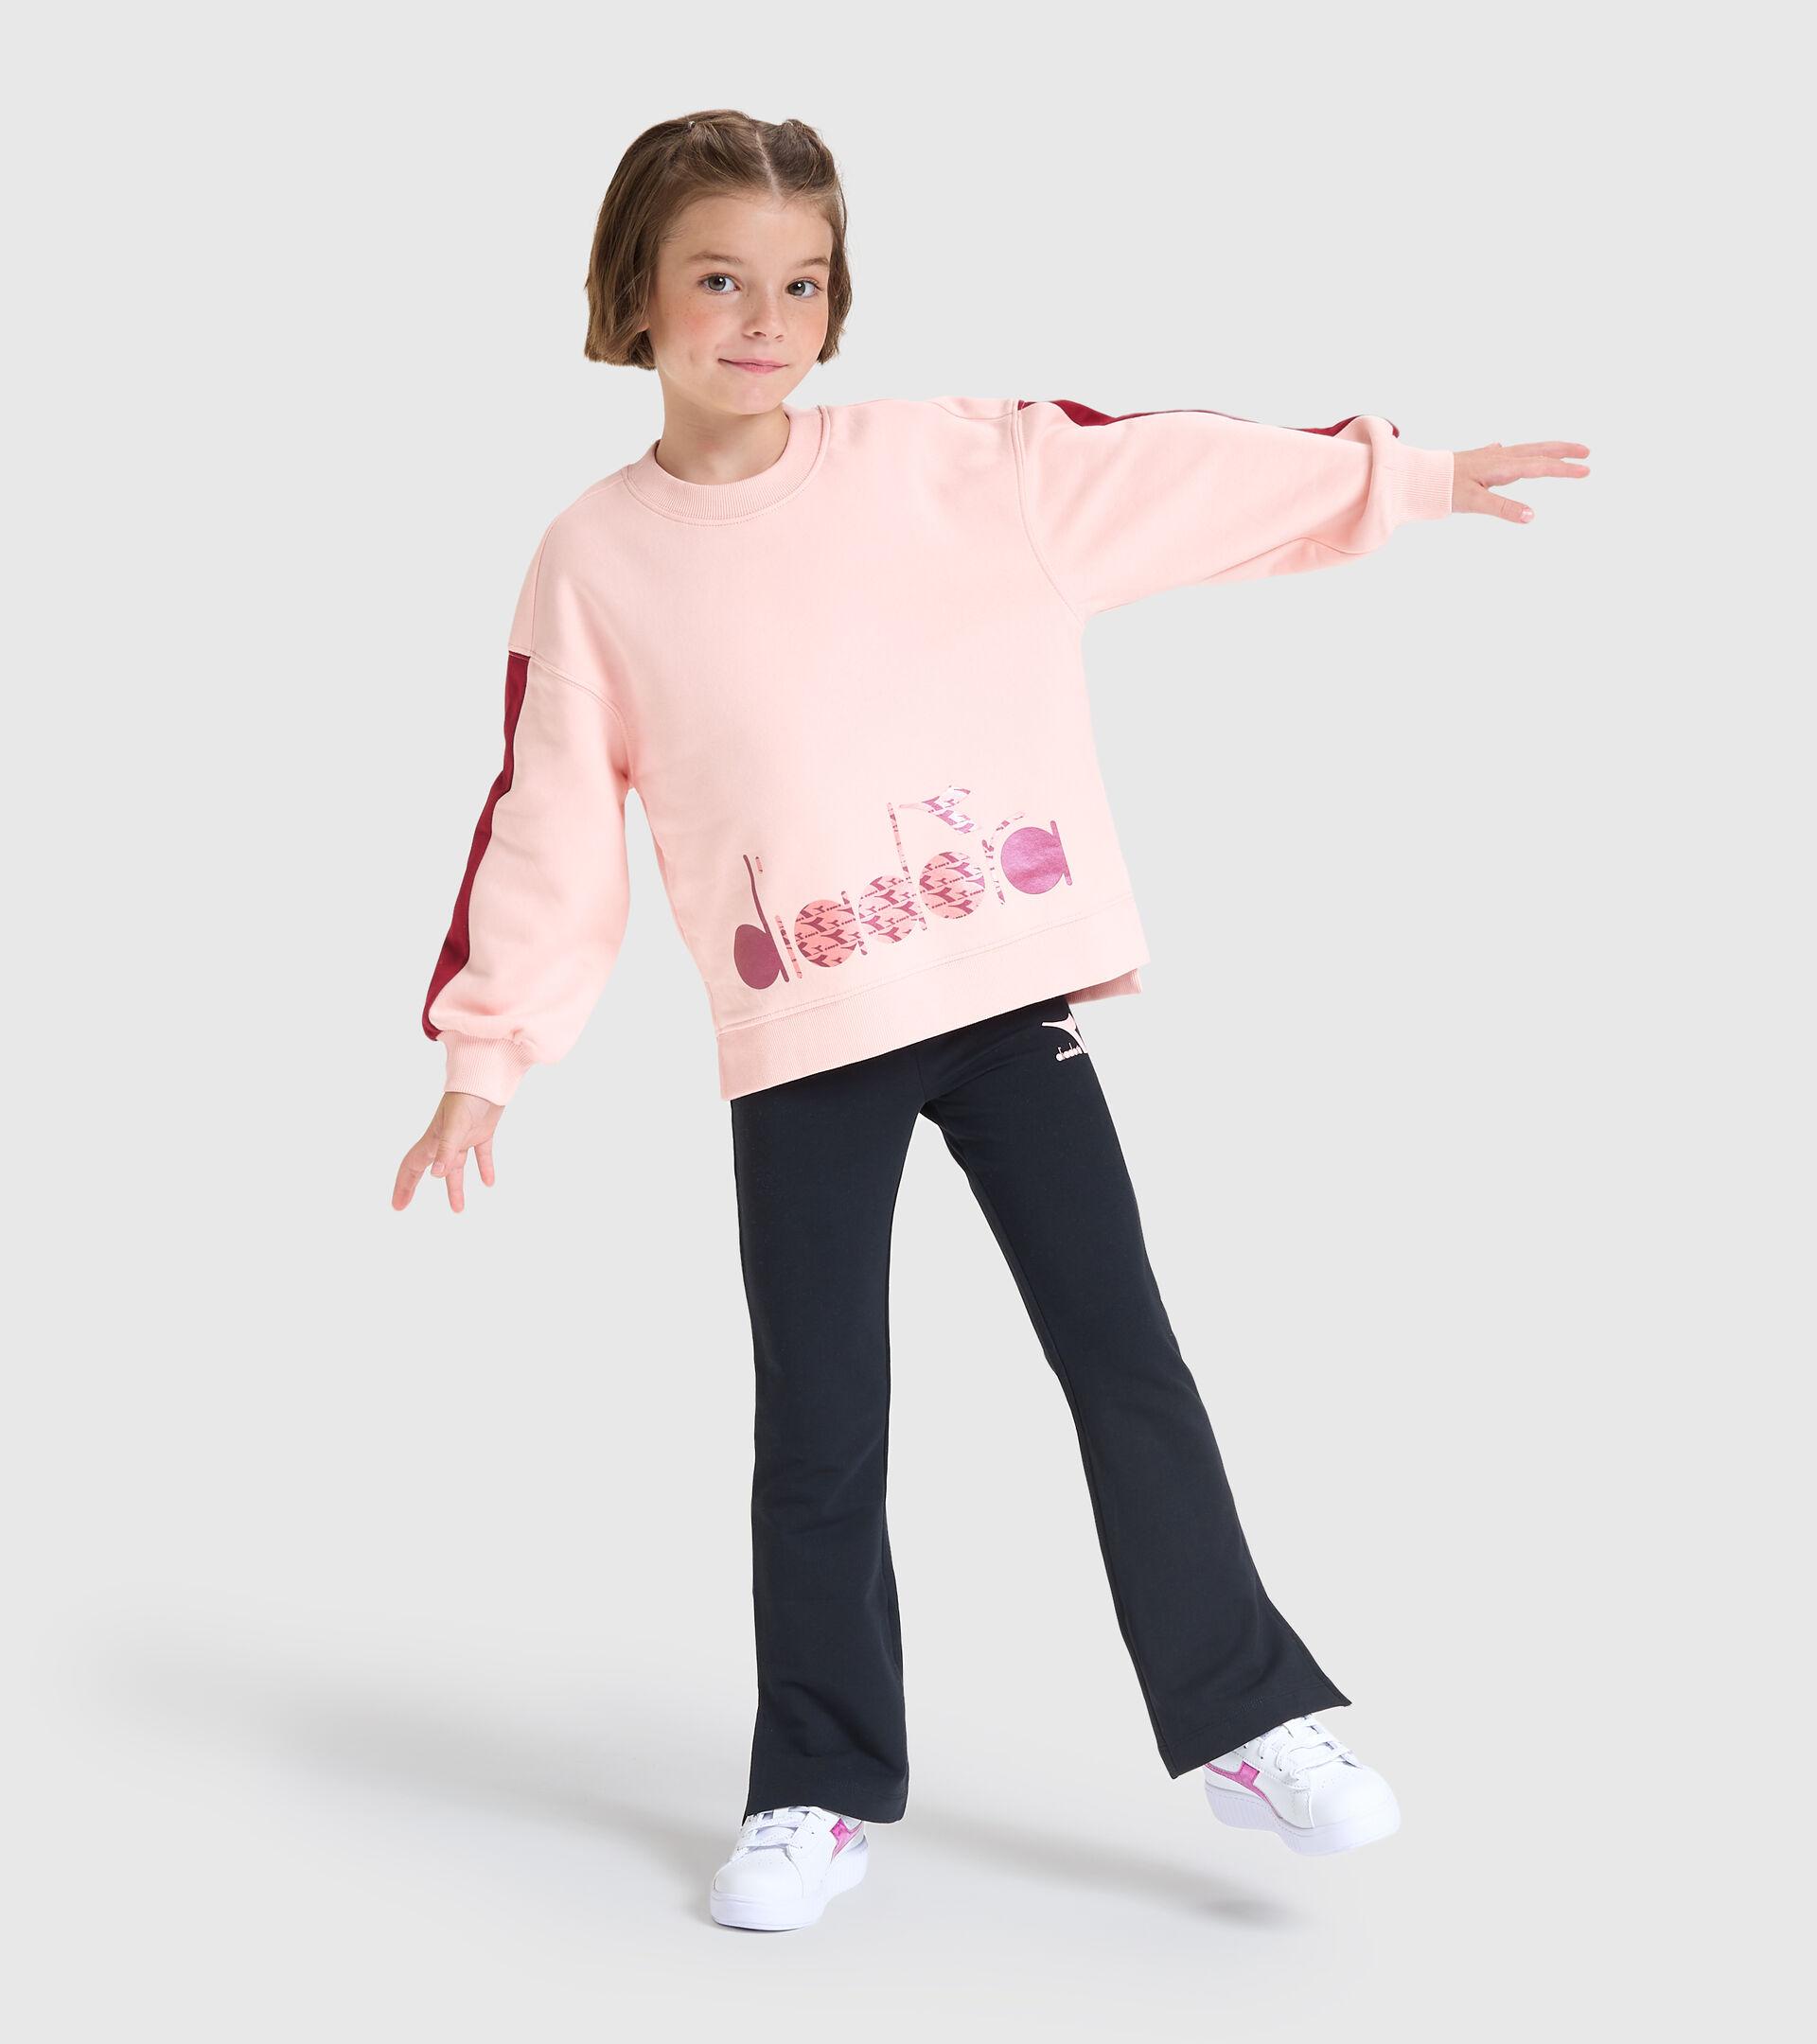 Sweater mit Rundhalsausschnitt - Kinder JG.SWEATSHIRT CREW TWINKLE VERSCHLEIERT ROSA - Diadora